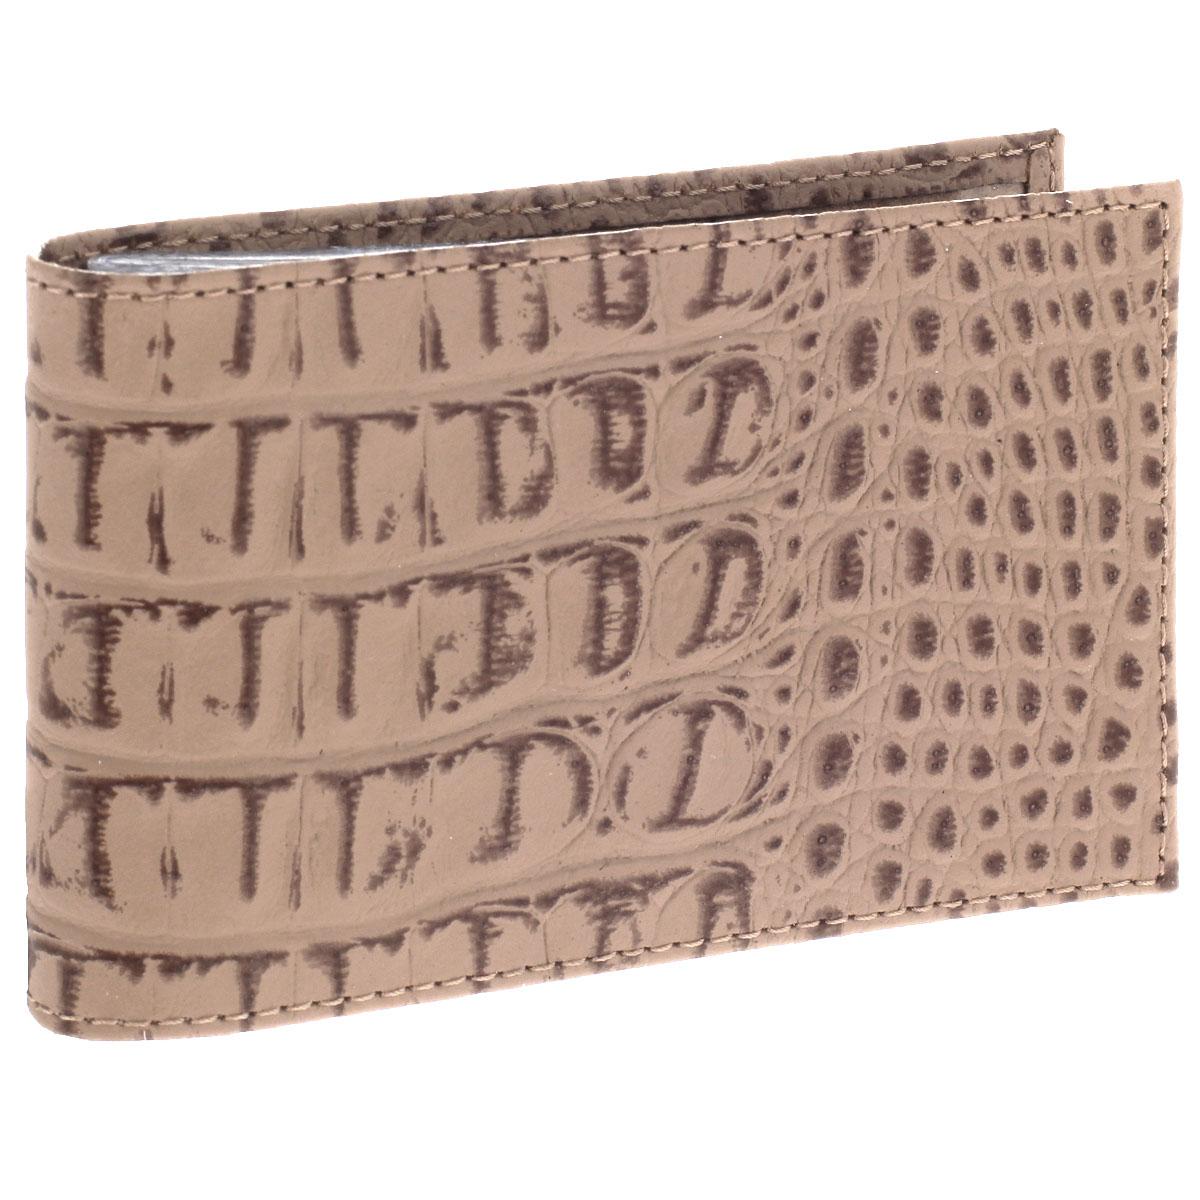 Визитница горизонтальная Befler, цвет: бежевый. V.30.-13T0CF8KQHXУльтрамодная горизонтальная визитница Befler изготовлена из натуральной кожи и декорирована тиснением под рептилию. Тыльная сторона оформлена названием бренда. Внутри содержится съемный блок из прозрачного мягкого пластика на 20 визиток, а также 2 удобных горизонтальных кармана. Изделие упаковано в фирменную коробку.Стильная визитница подчеркнет вашу индивидуальность и изысканный вкус, а также станет замечательным подарком человеку, ценящему качественные и практичные вещи.